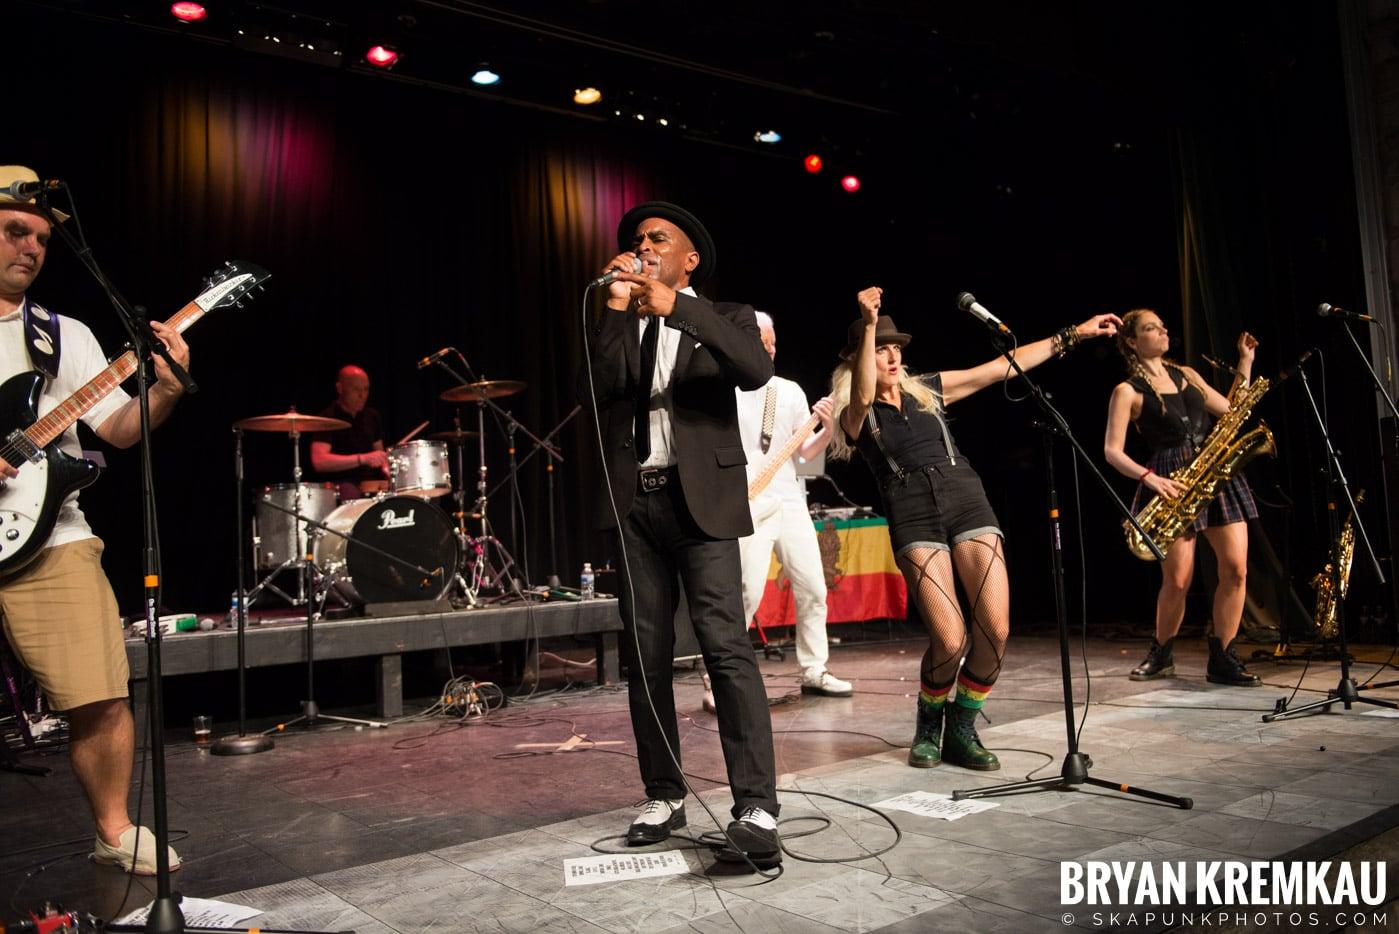 Rude Boy George @ Oskar Schindler Performing Arts Center, West Orange, NJ - 8.19.17 (7)